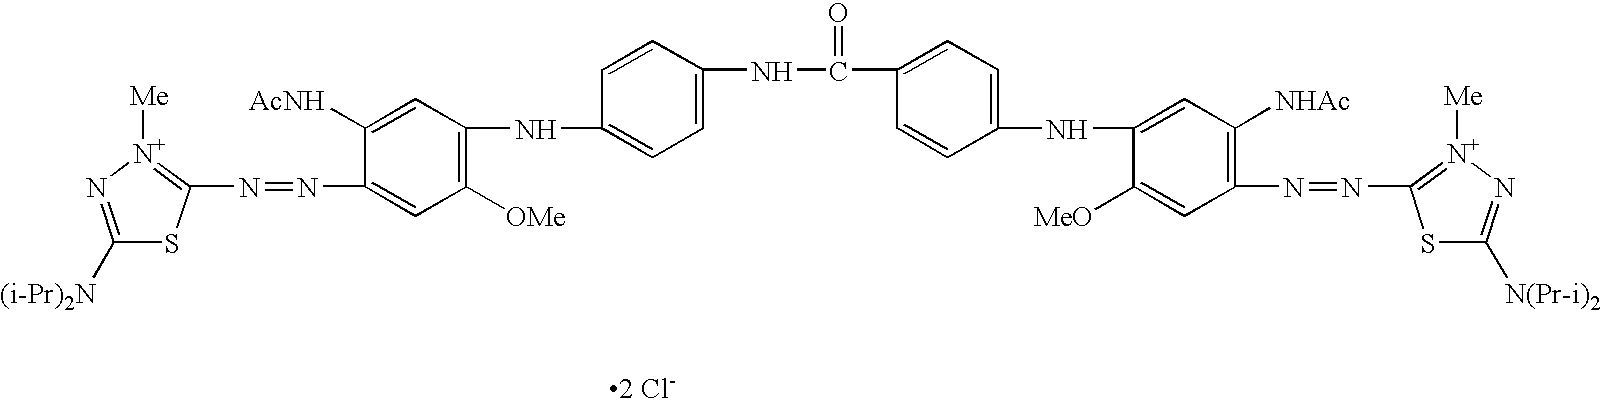 Figure US07497878-20090303-C00028